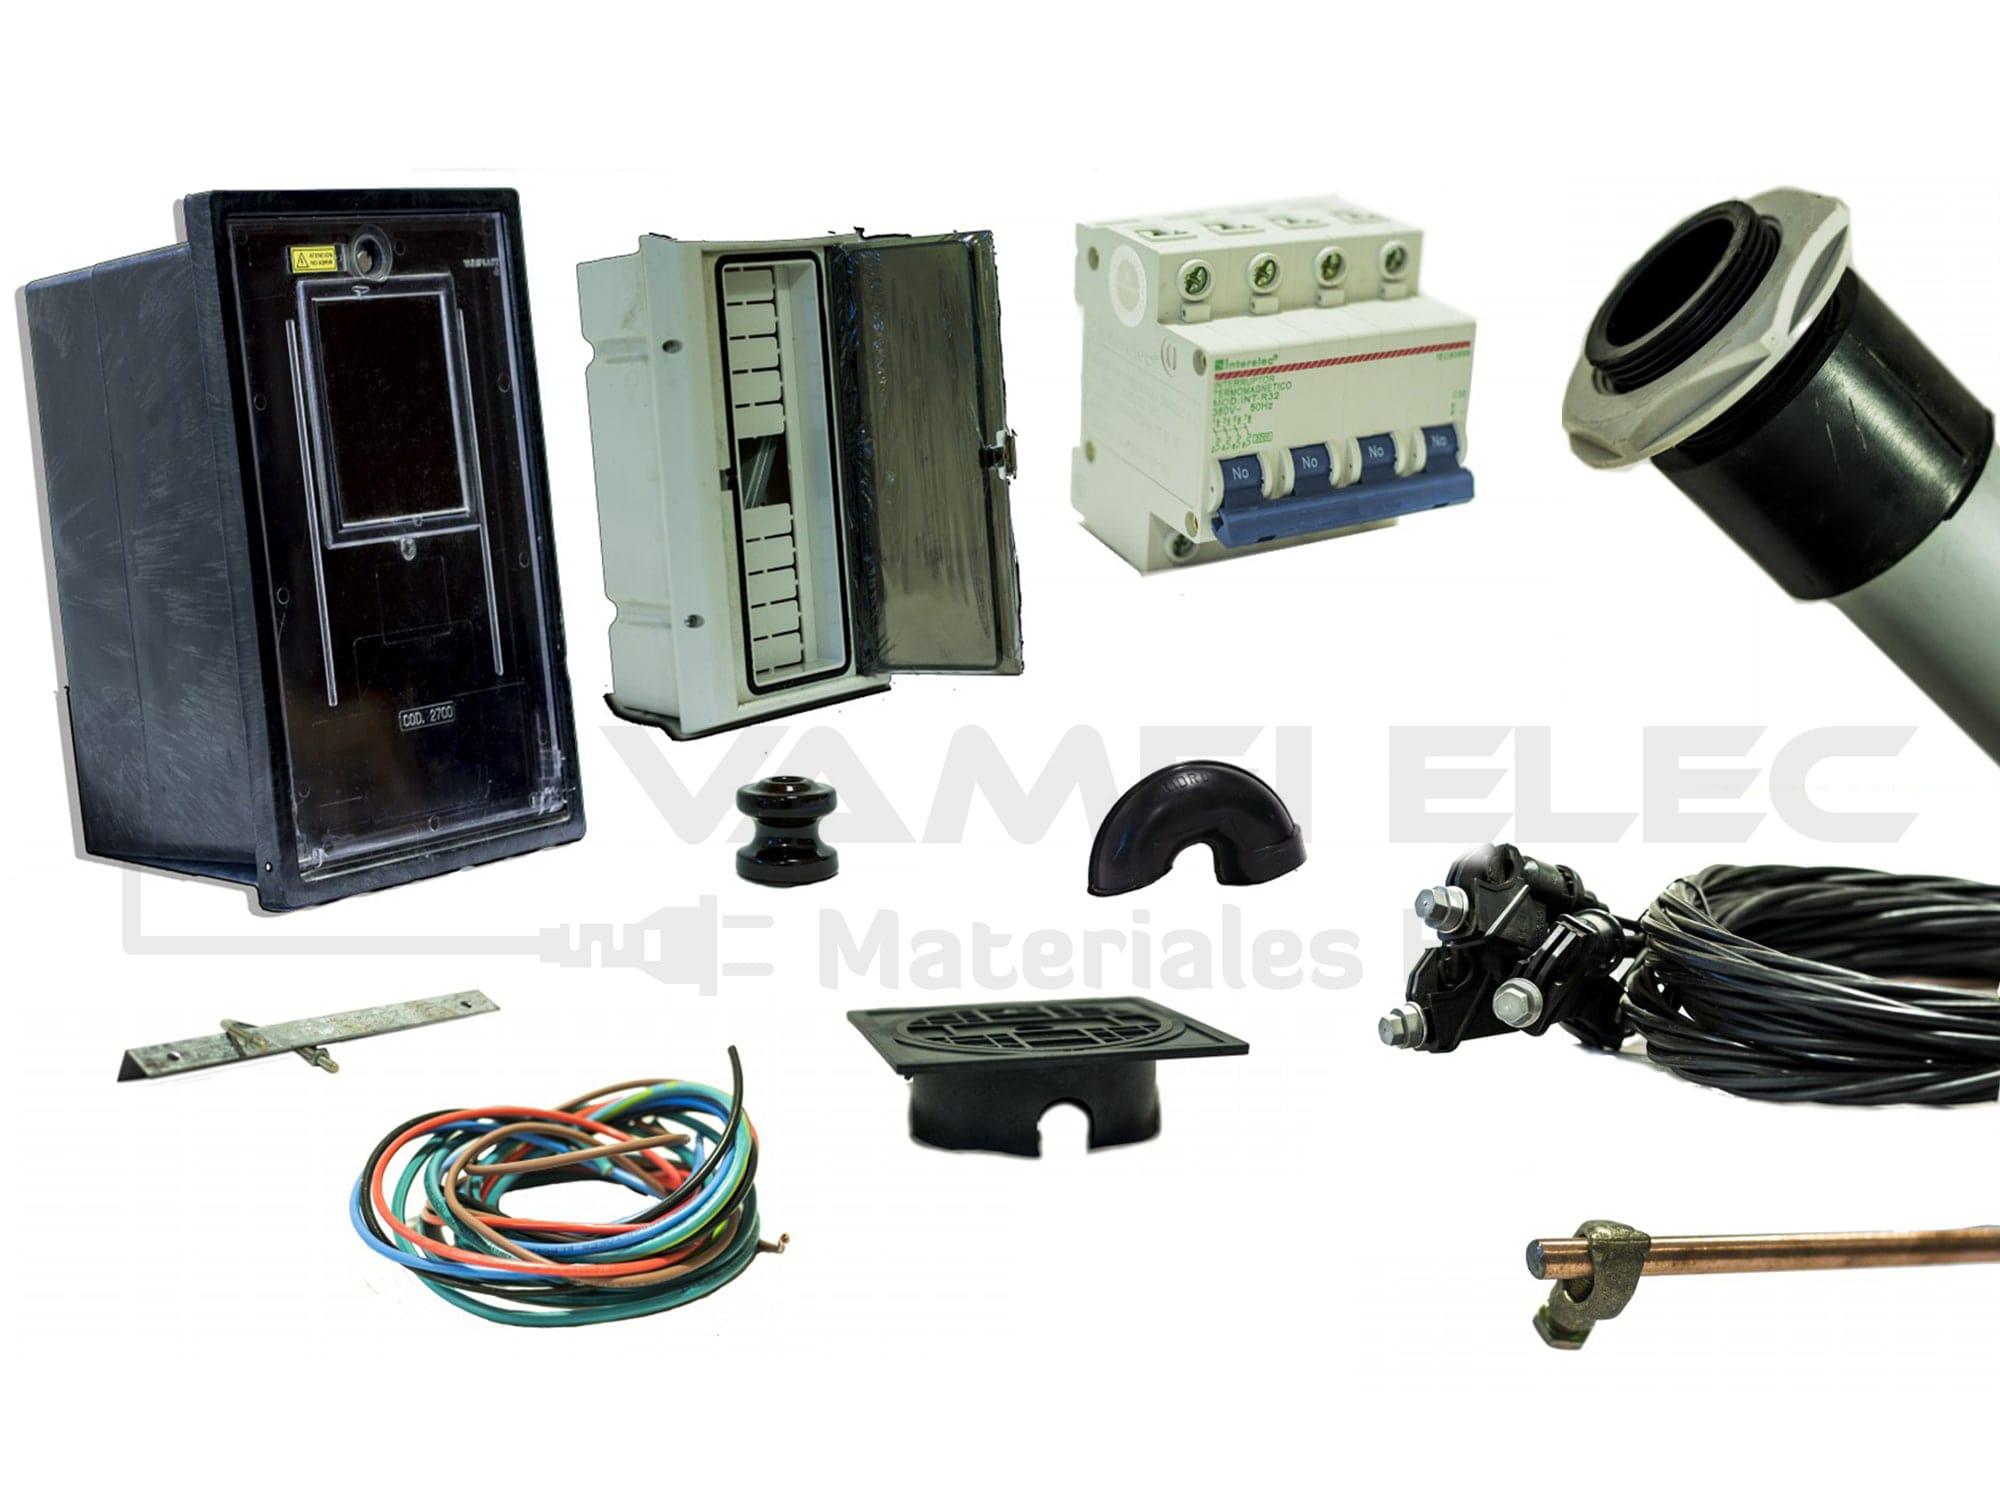 VAMEI Elec - Kit de conexión EPE - Trifásico Rosario